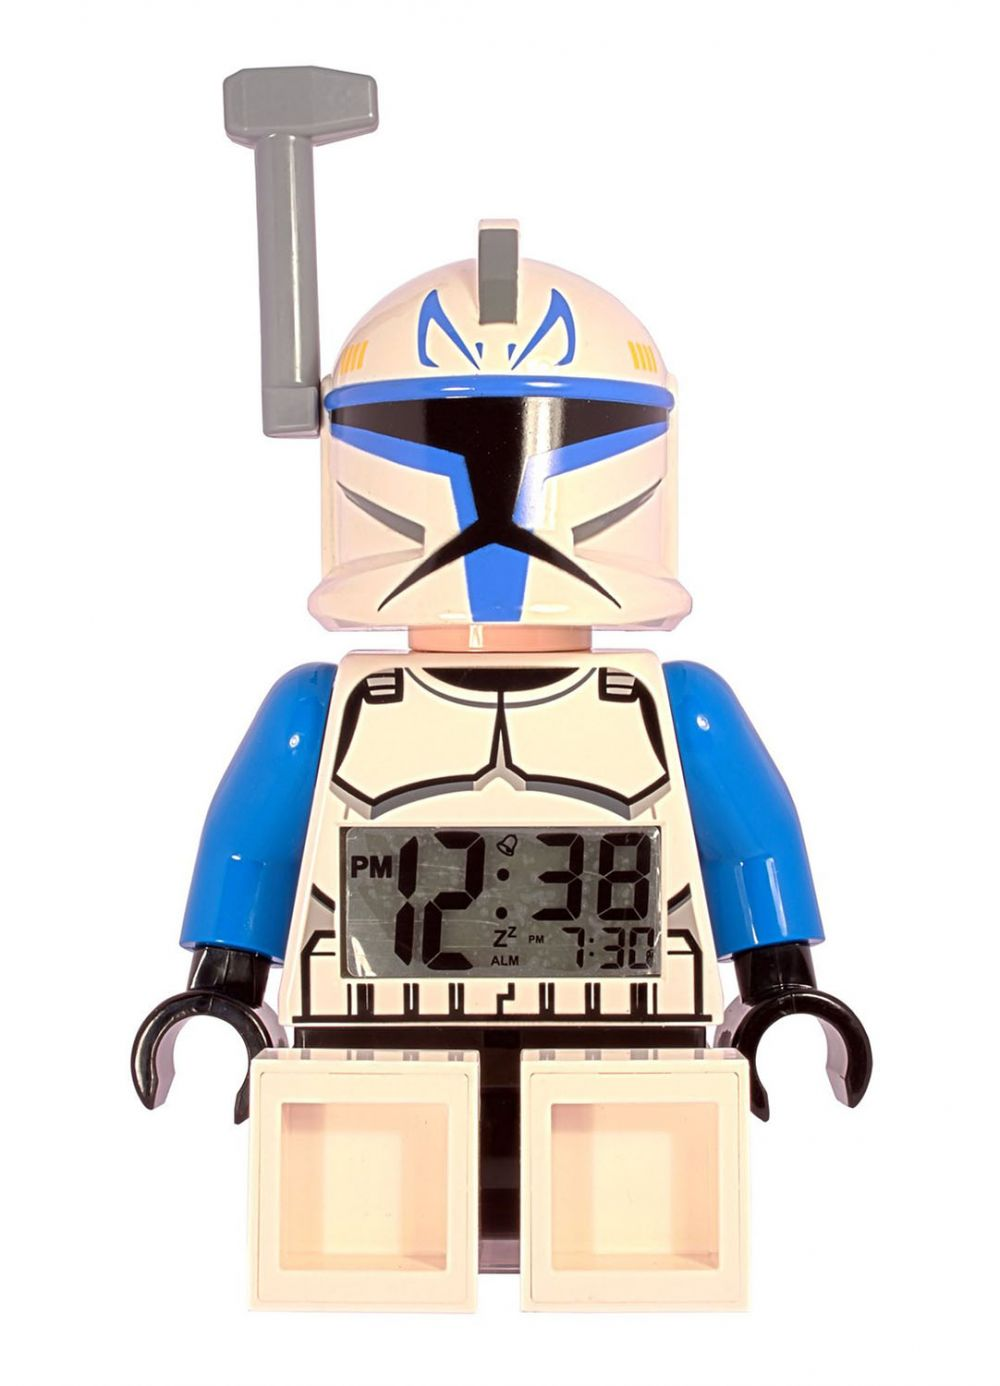 LEGO Horloges & Réveils 9003936 pas cher, Réveil figurine